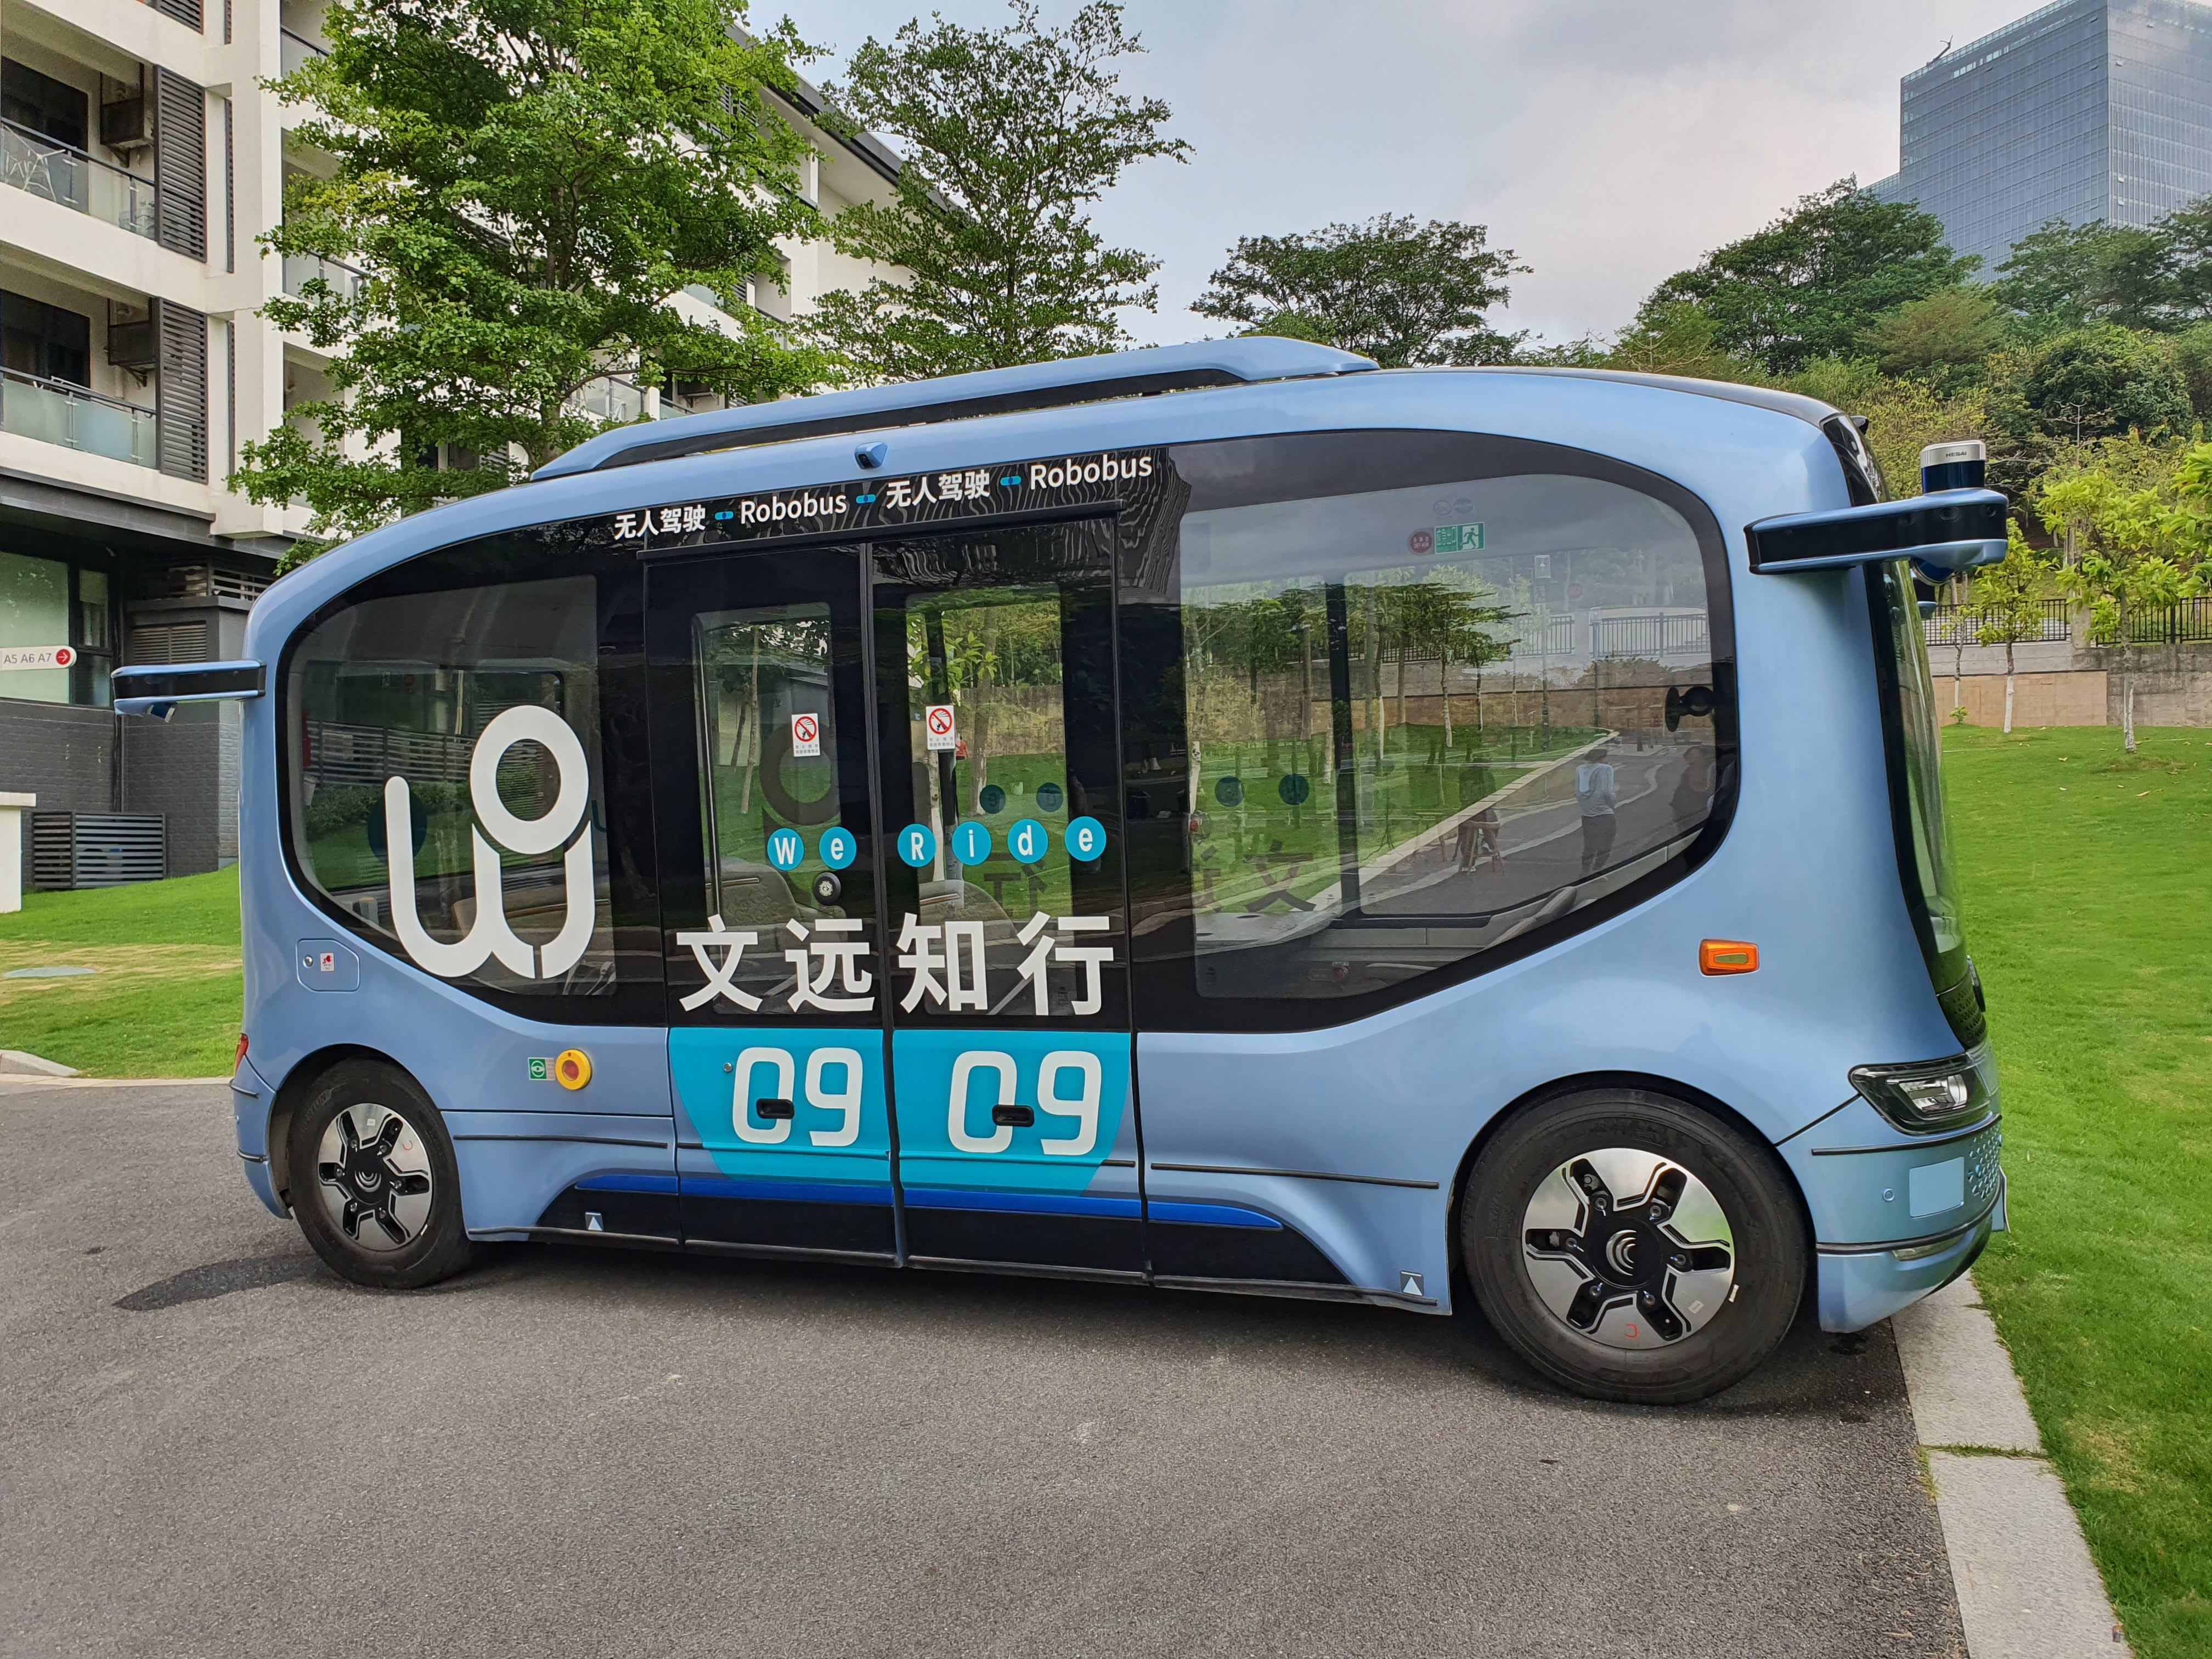 Xe buýt tự lái của WeRide được đặt tại trụ sở chính của công ty ở Quảng Châu, Trung Quốc - Ảnh: CNBC